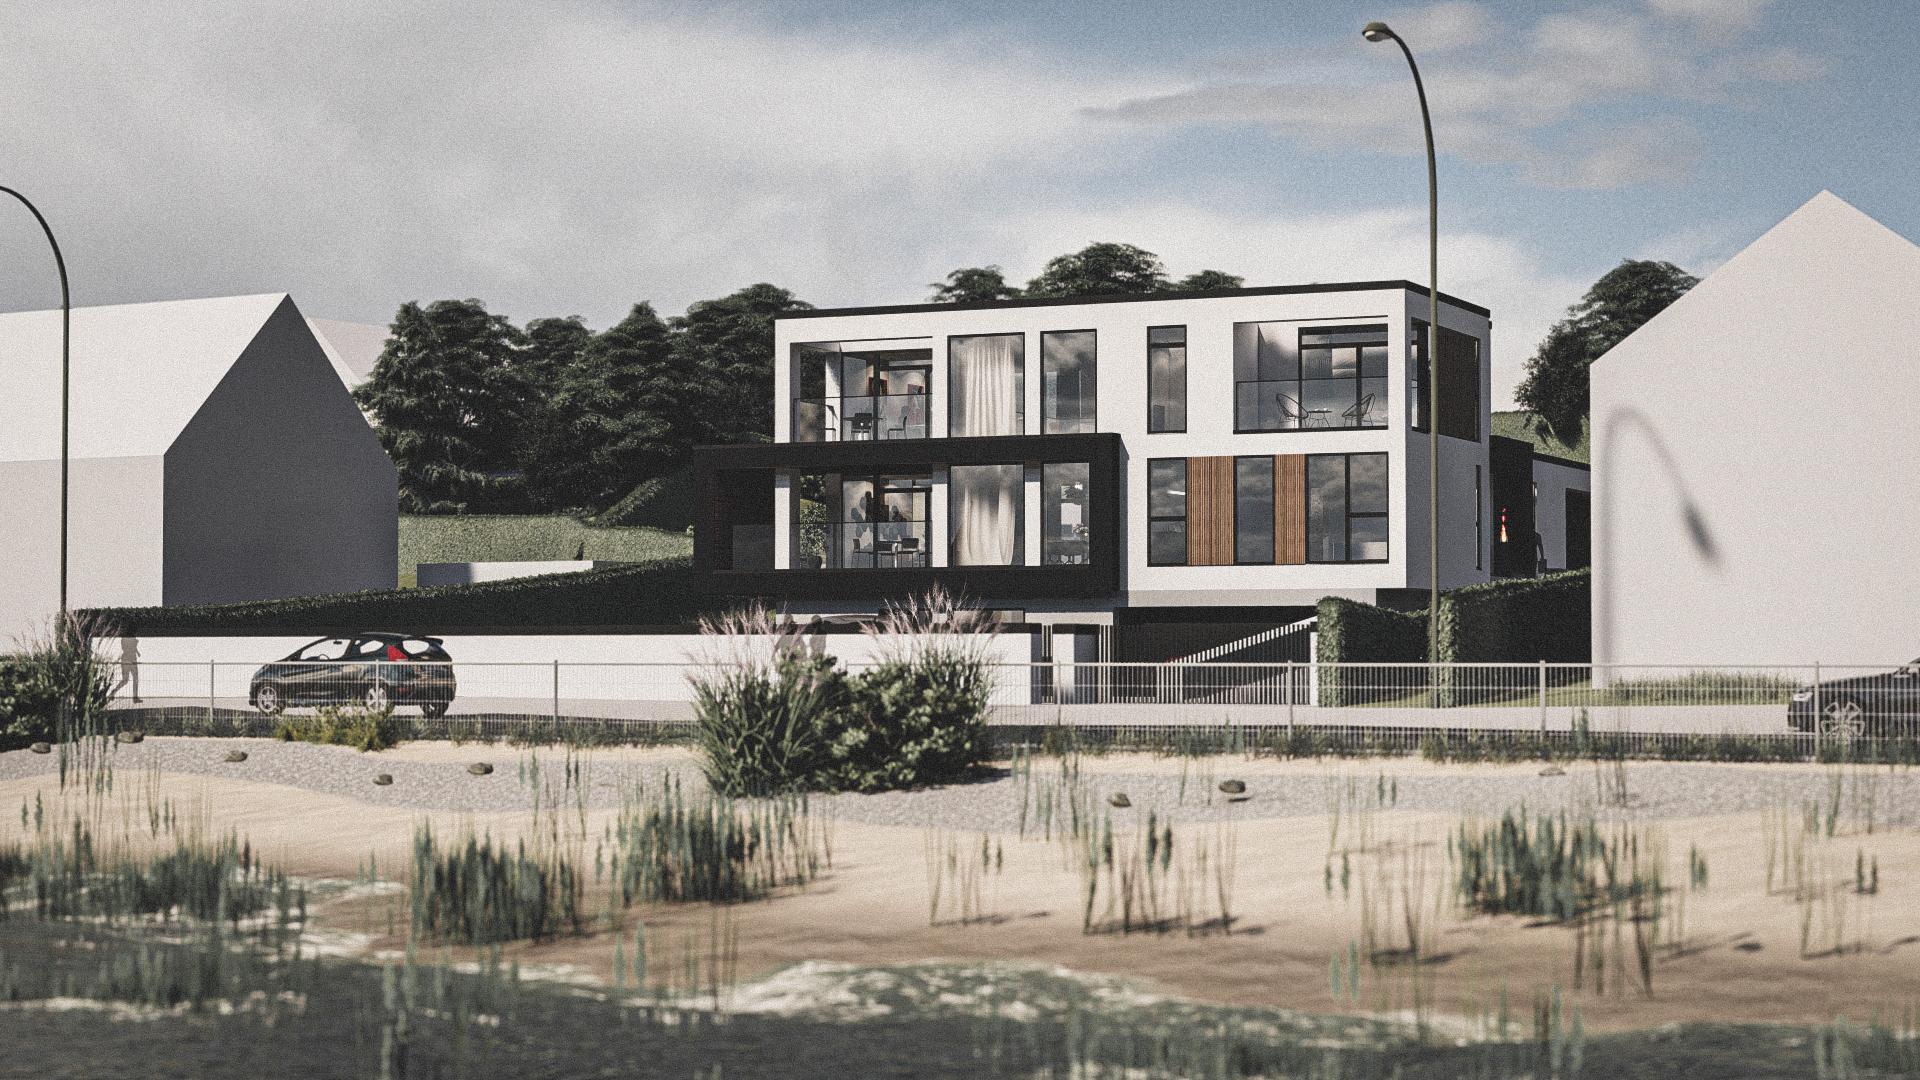 Billede af et arkitekt tegnet projektforslag af ny drømme villa på Rungsted Kyst, af det danske arkitektfirma m2plus